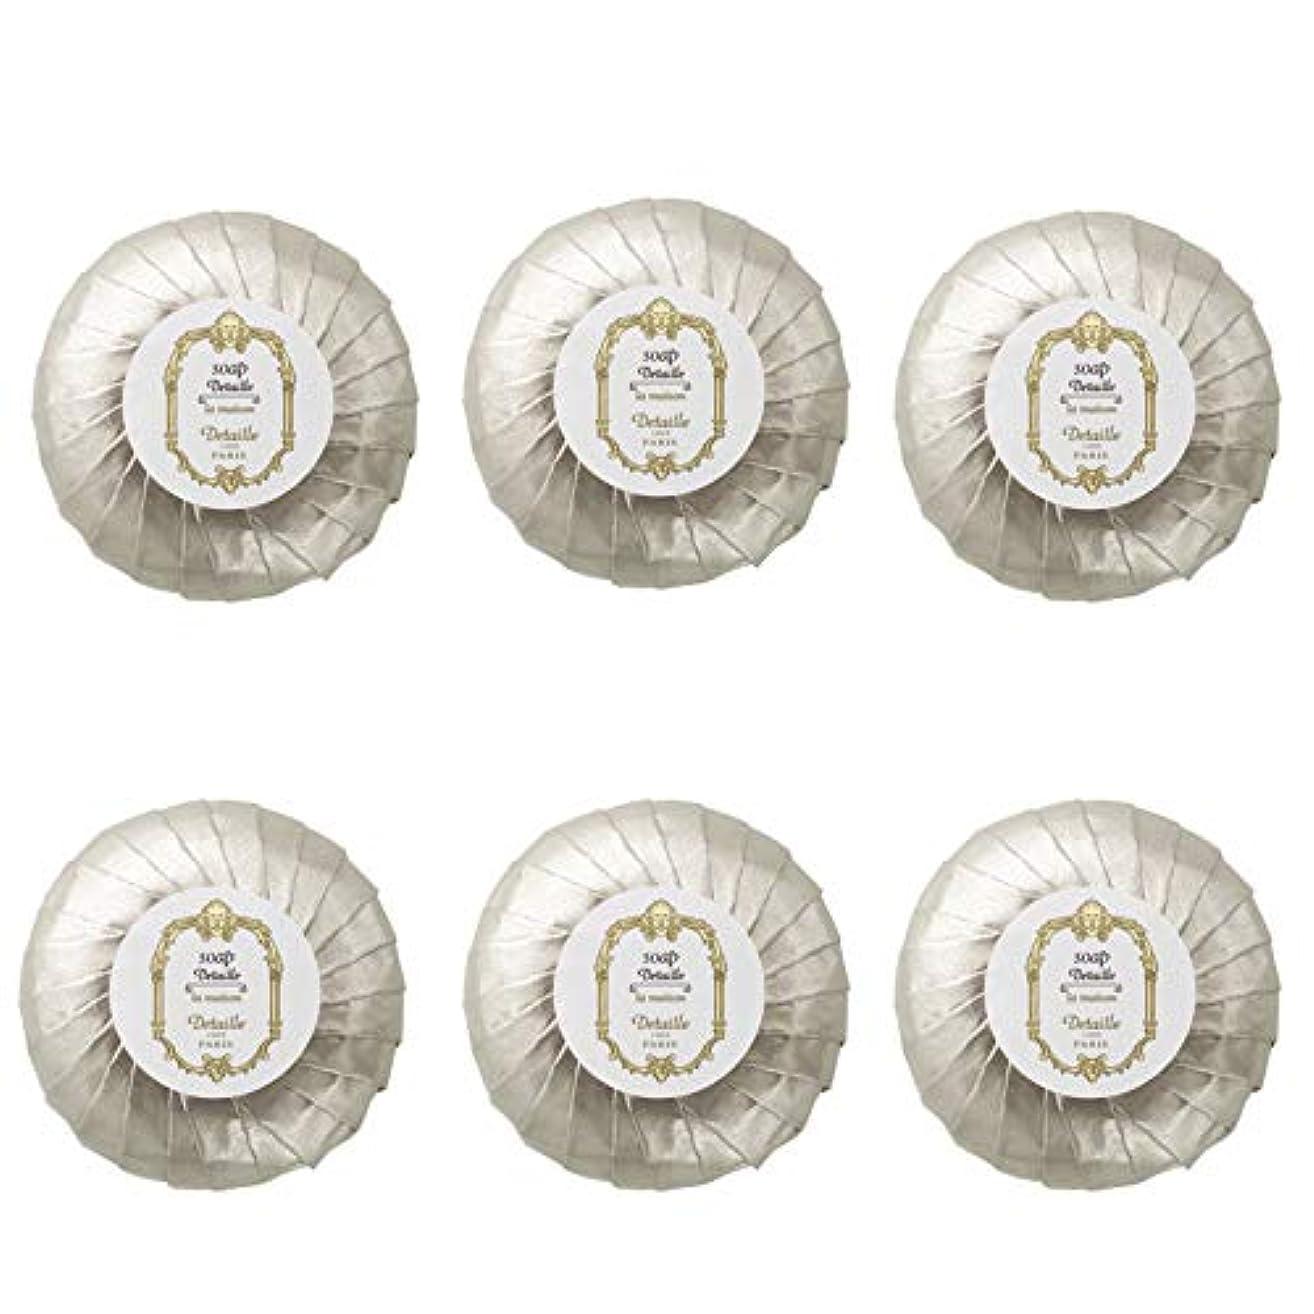 なぜ責め上記の頭と肩POLA デタイユ ラ メゾン スキンソープ 固形石鹸 (プリーツ包装) 50g×6個